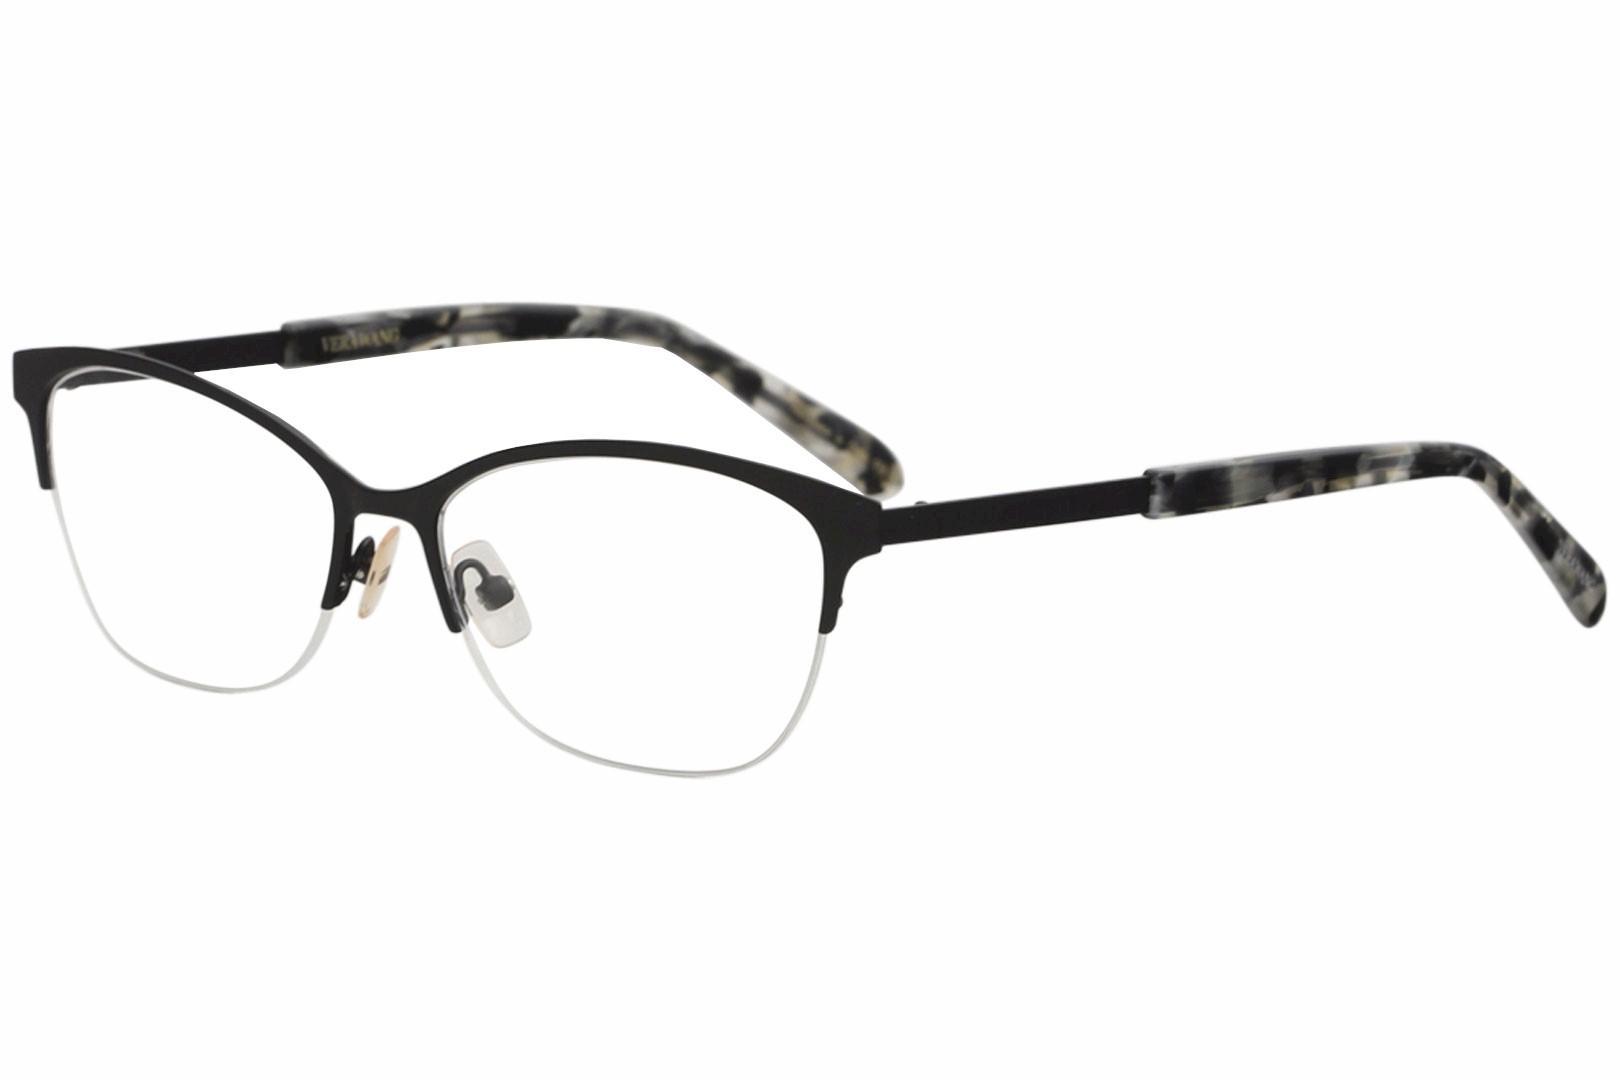 9b171467b2 Vera Wang Women s Eyeglasses V511 V 511 Half Rim Optical Frame